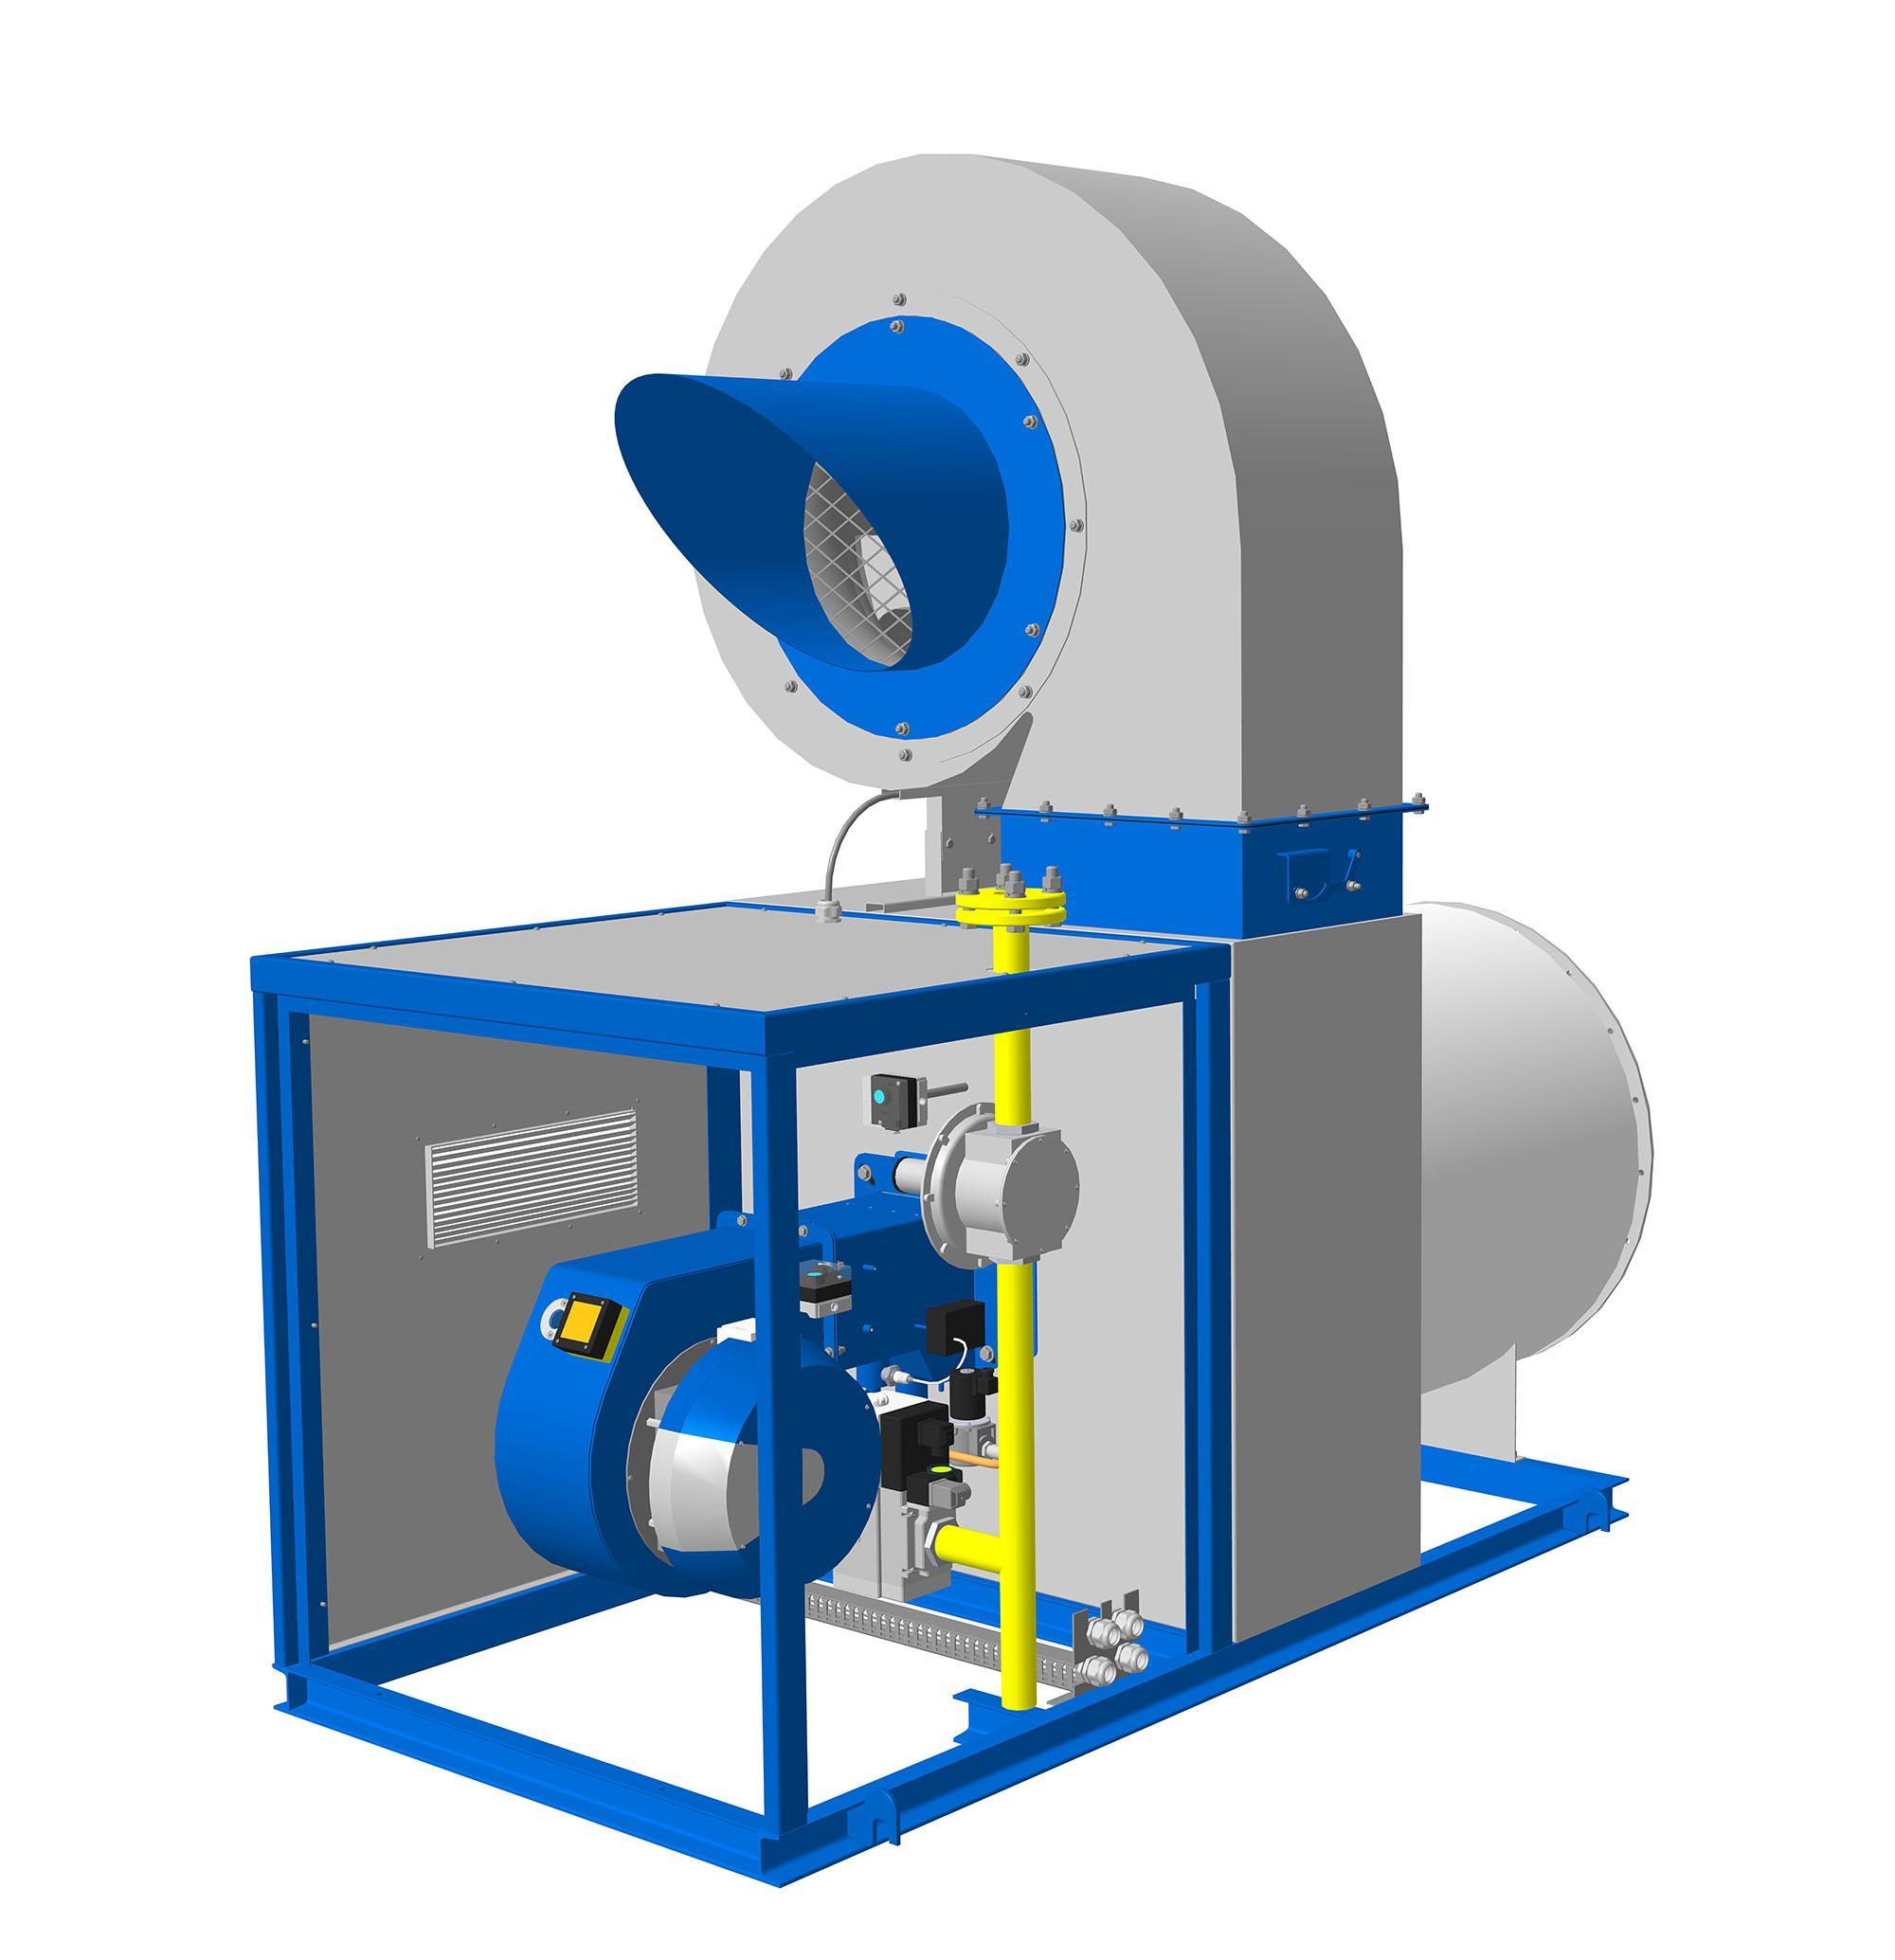 воздухонагреватели смесительные газовые крон-турбо